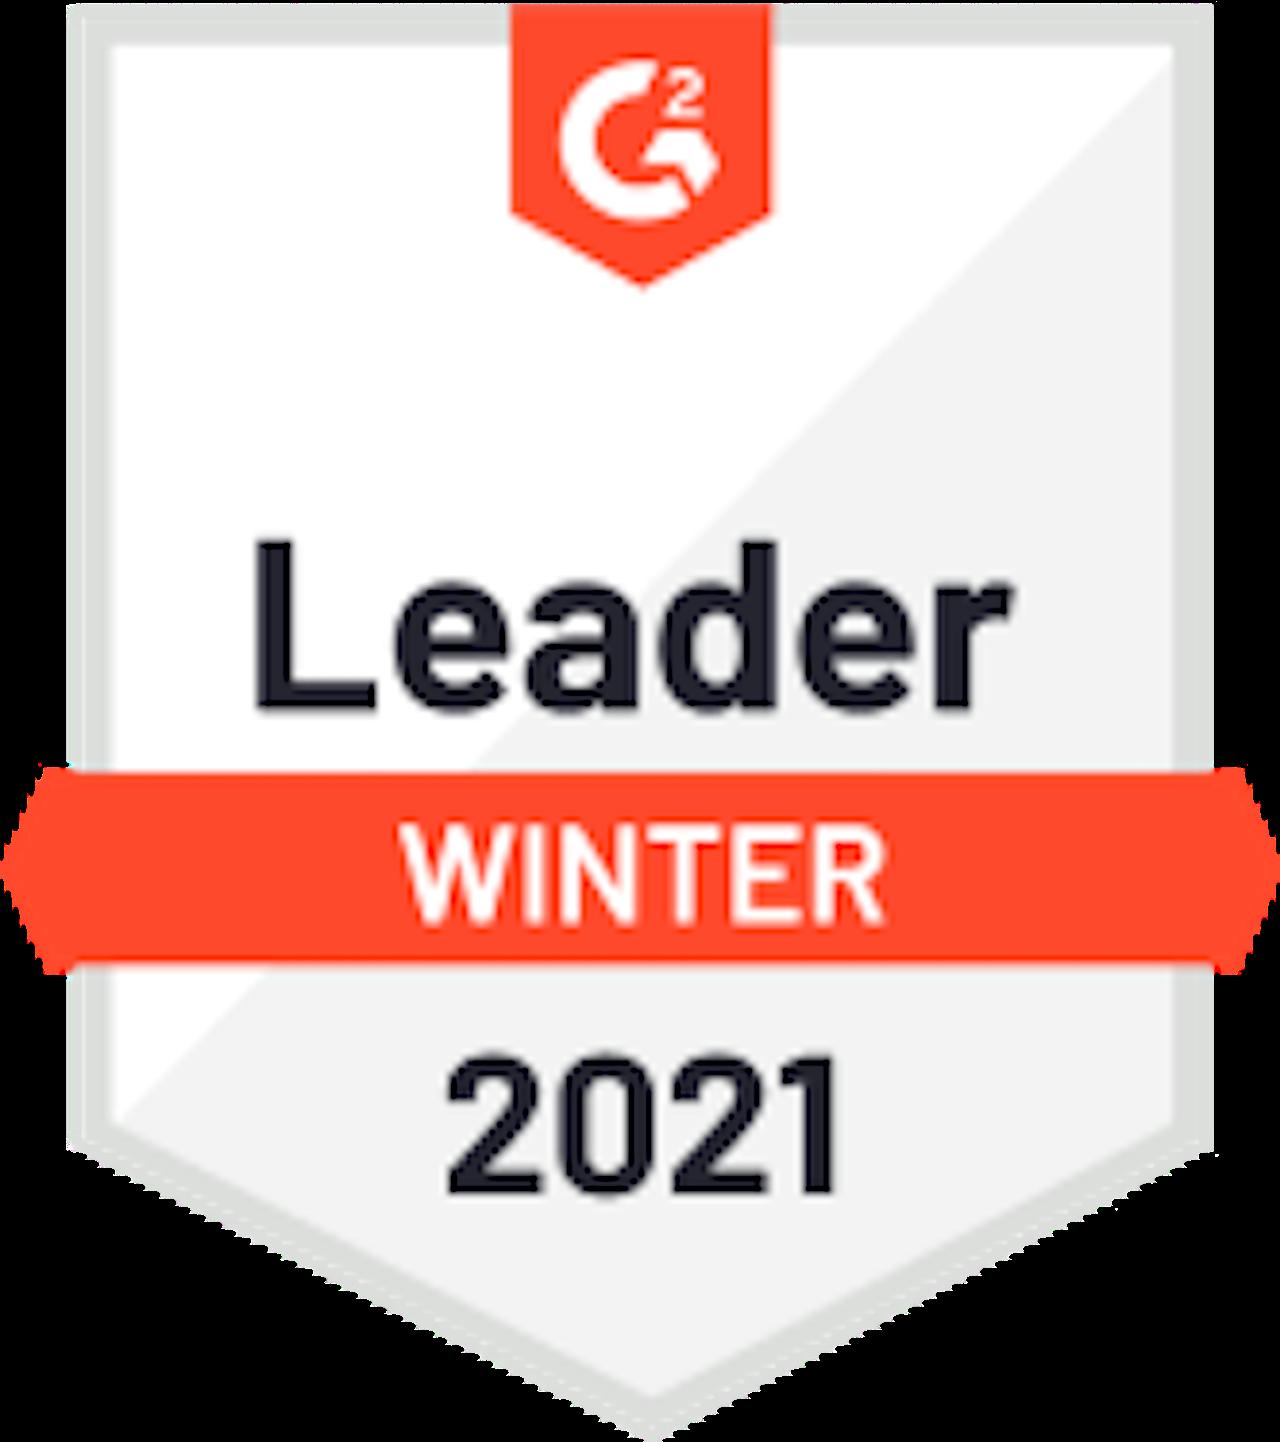 G2 Badge 2021 - Leader hiver